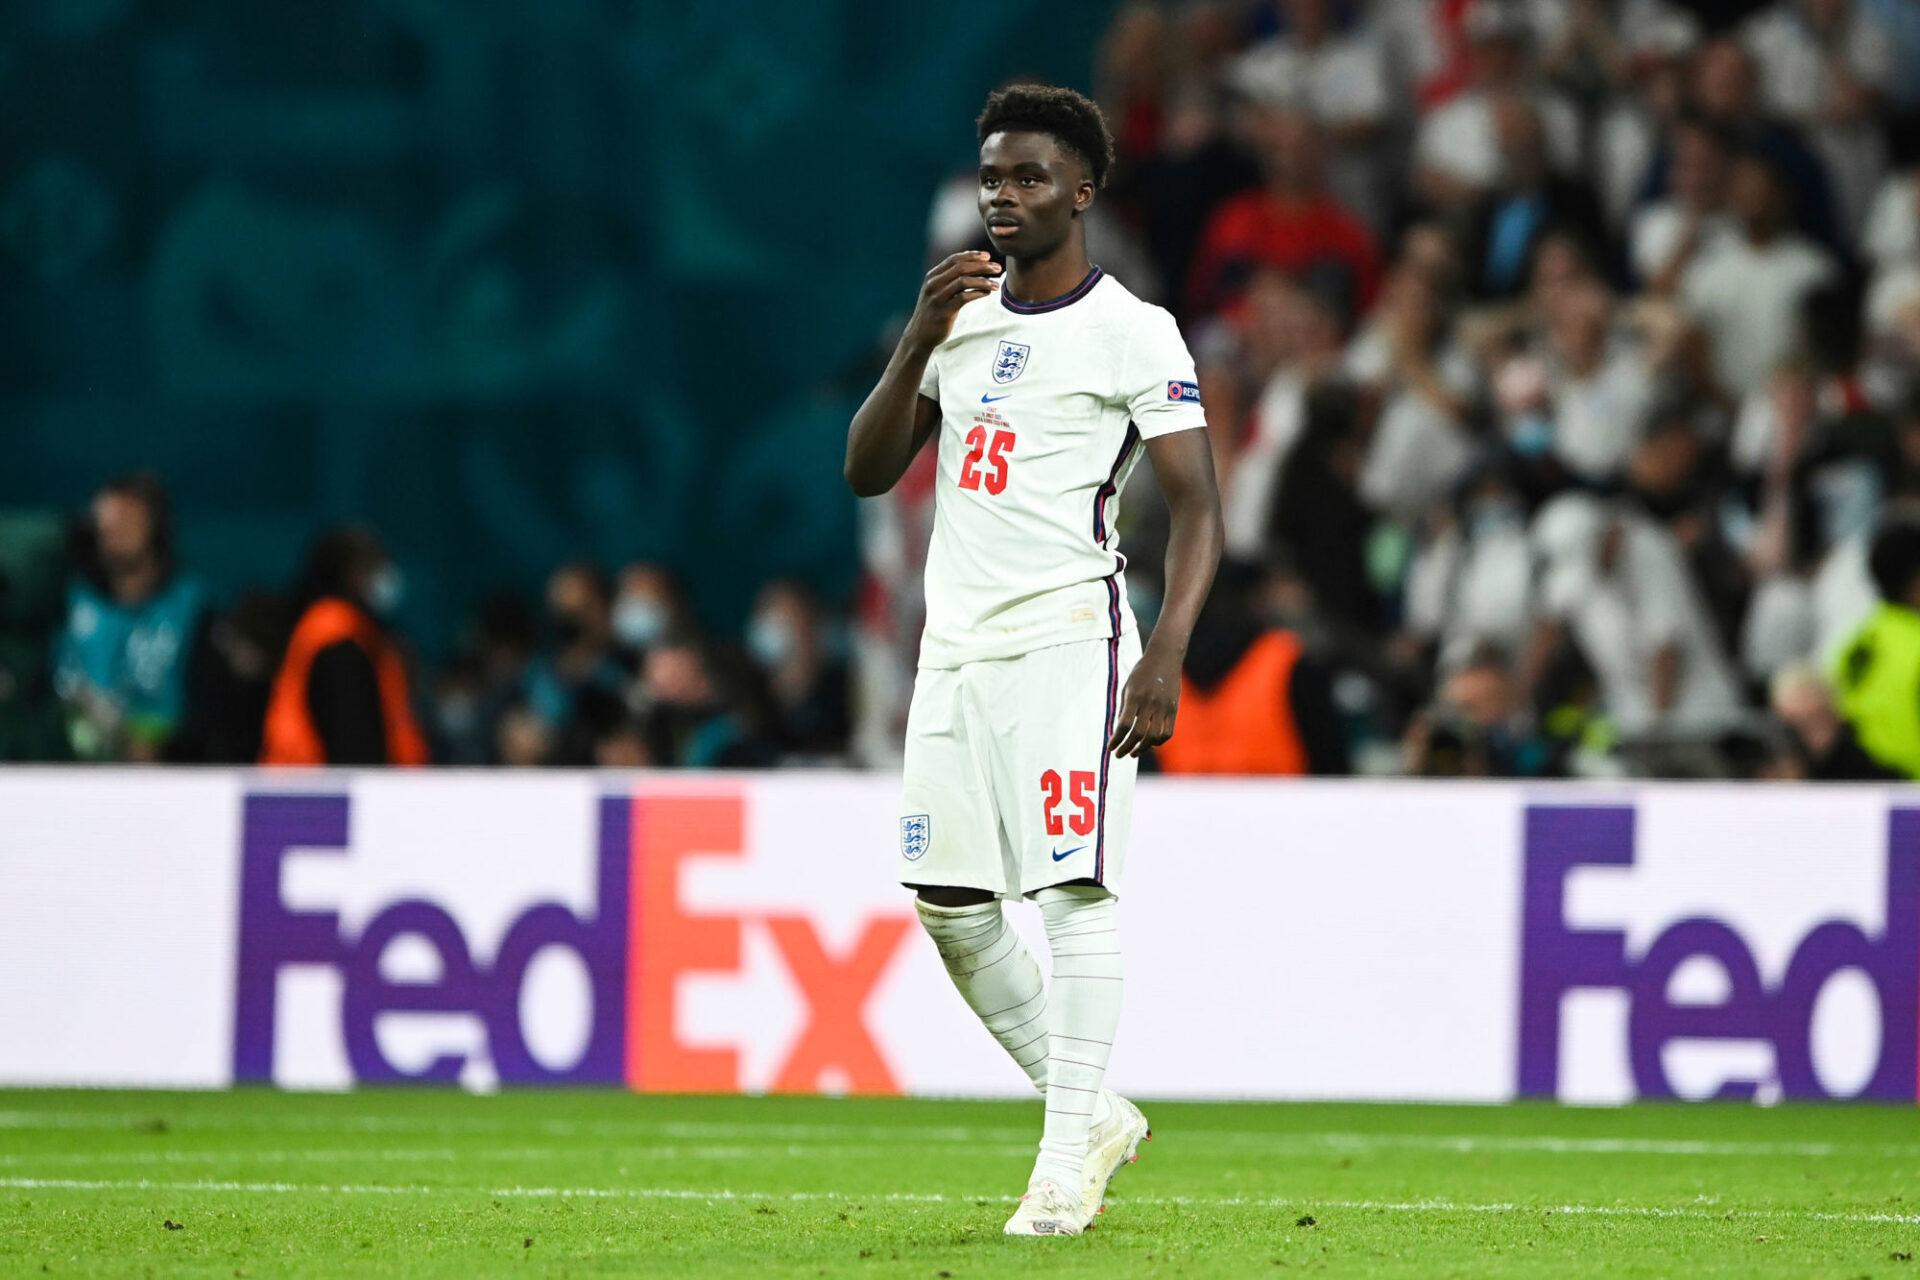 """Bukayo Saka incrédule après son tir au but raté. L'attaquant anglais était en """"souffrance"""", comme il l'a confié. Icon Sport"""